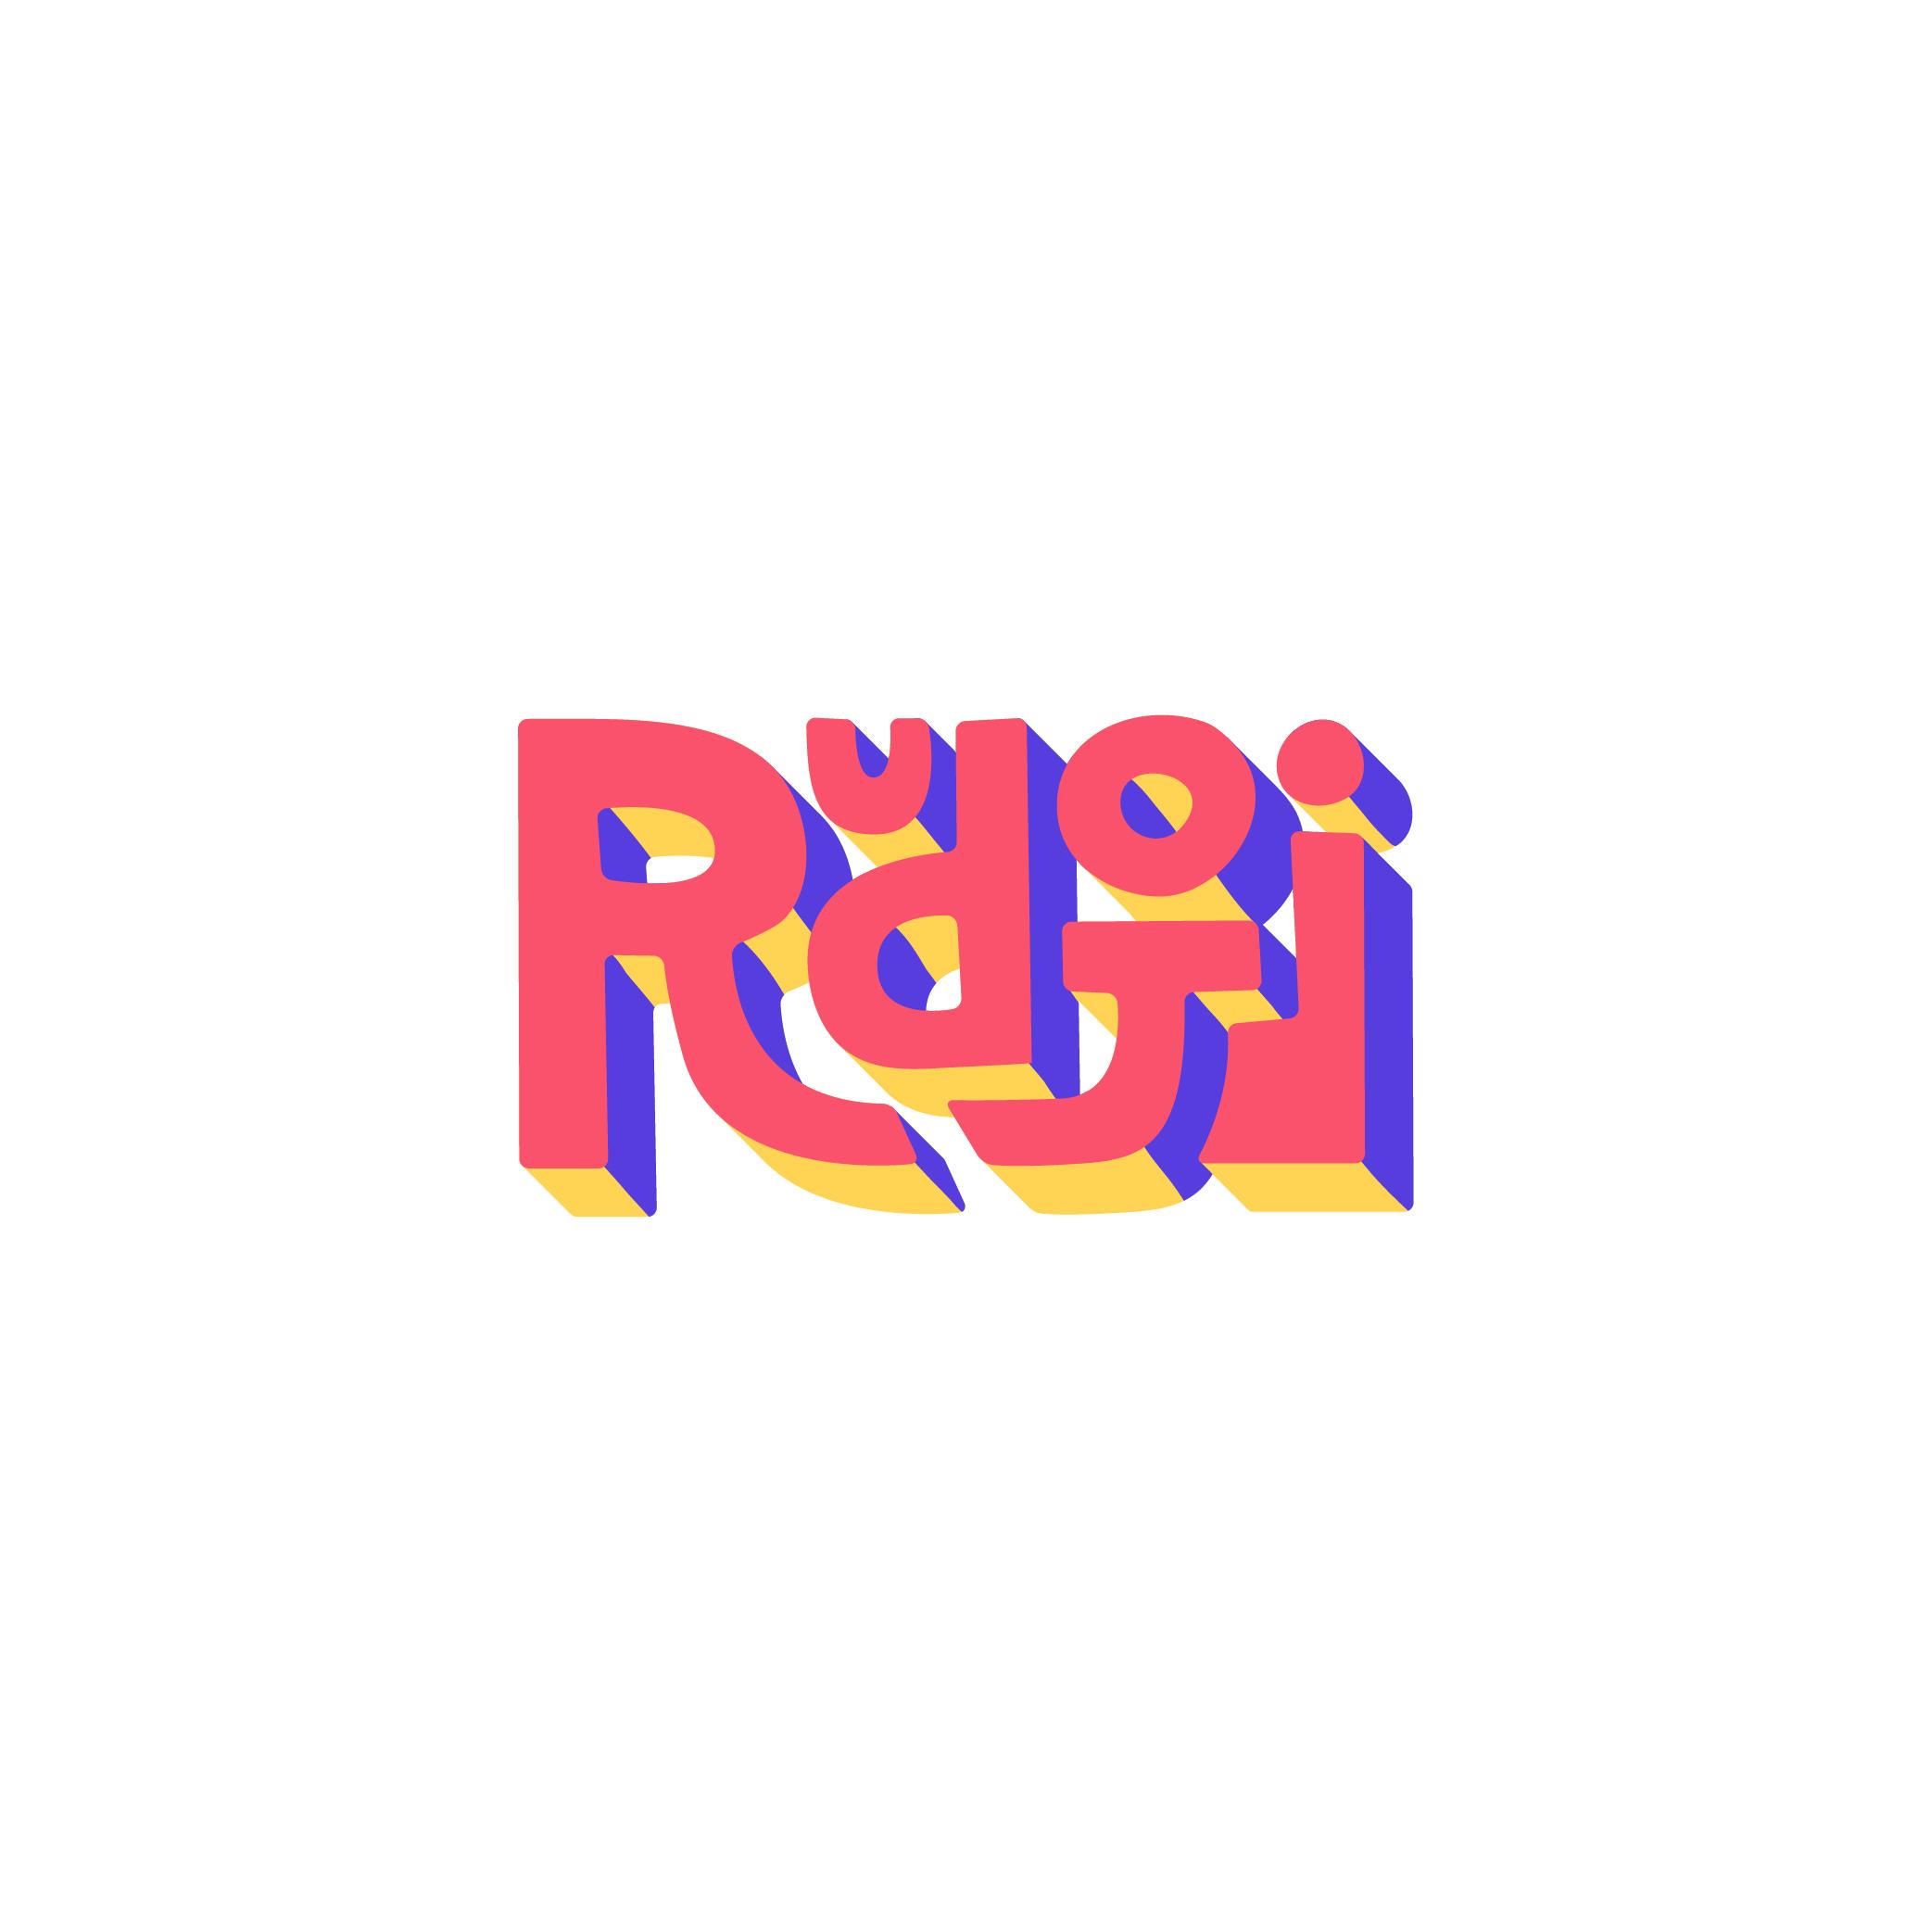 rudoji logo-06